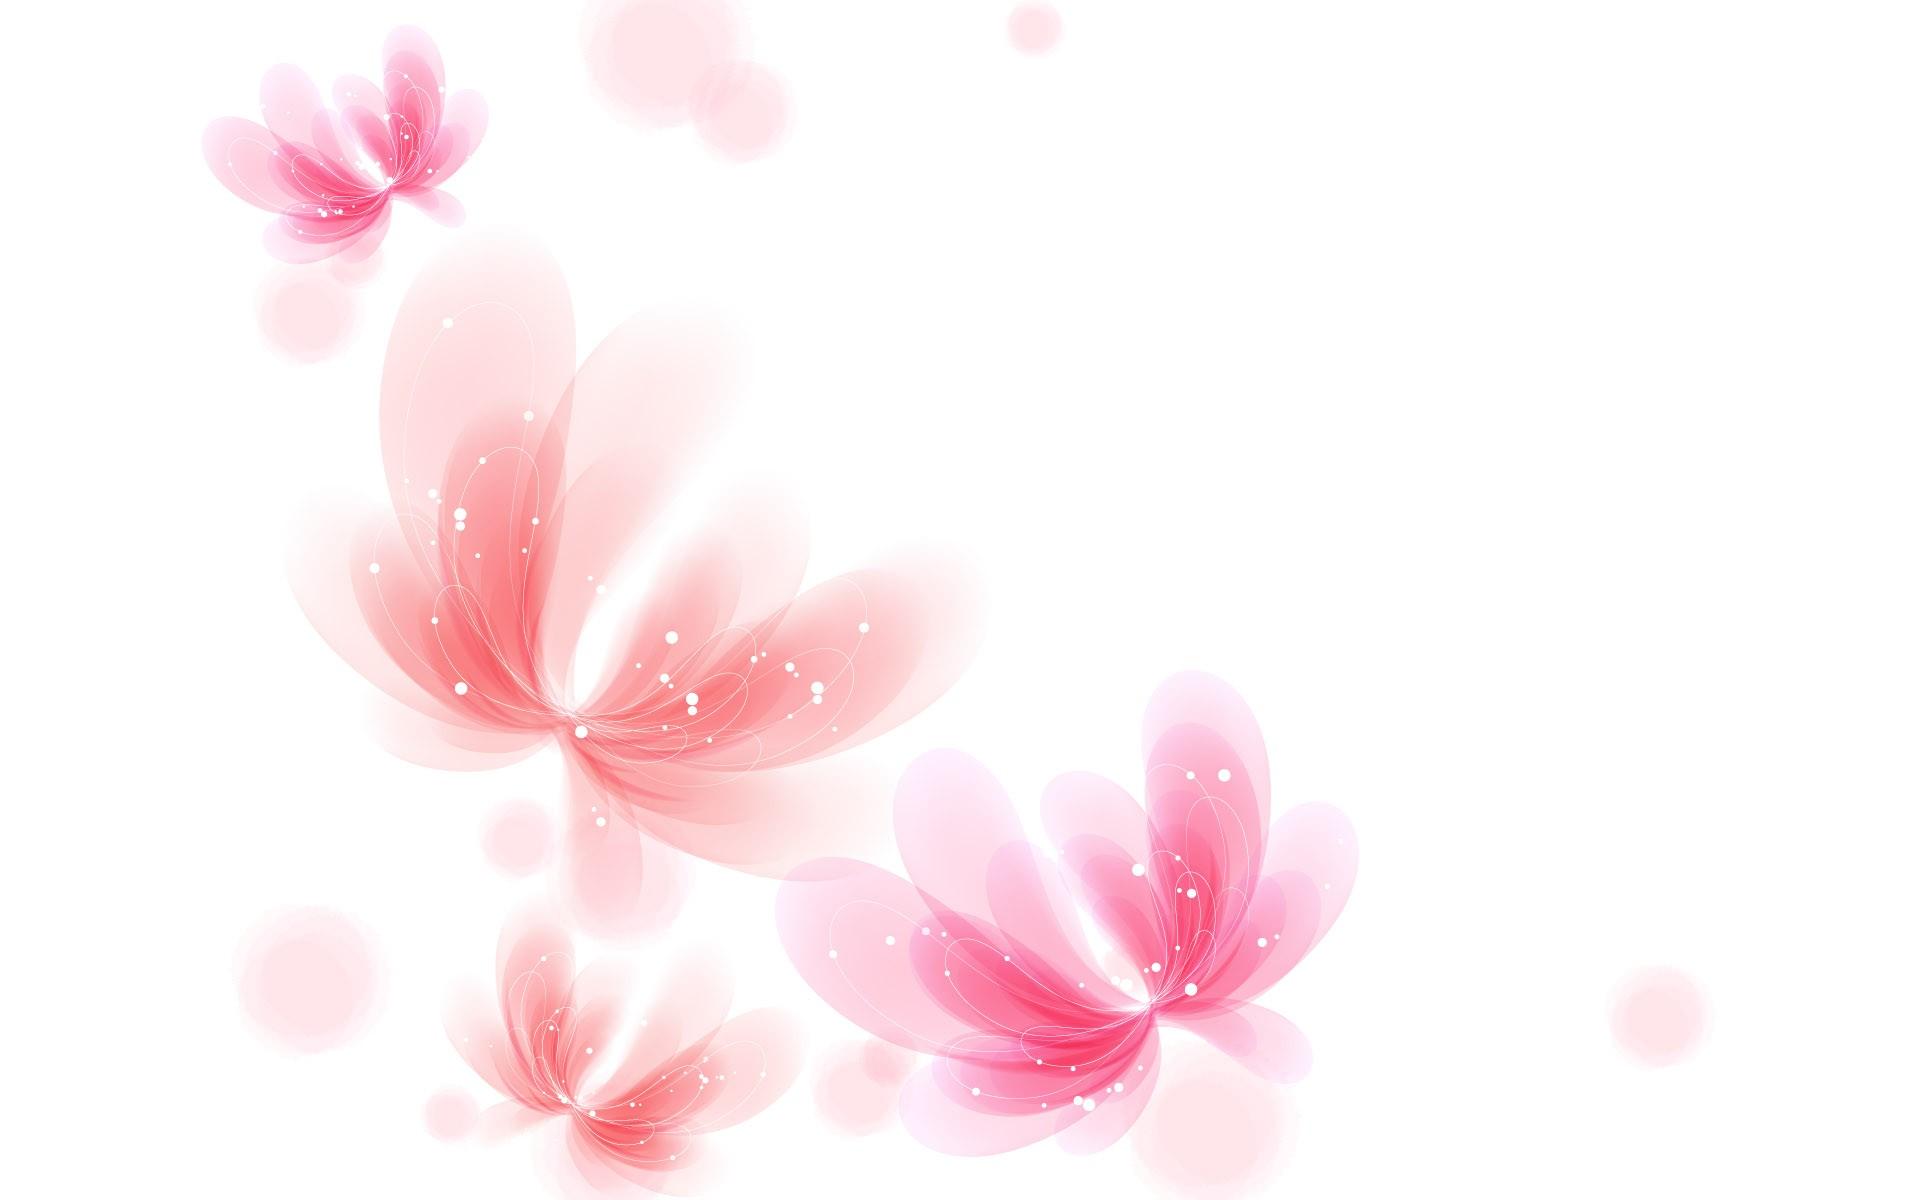 Ảnh nền màu trắng hồng